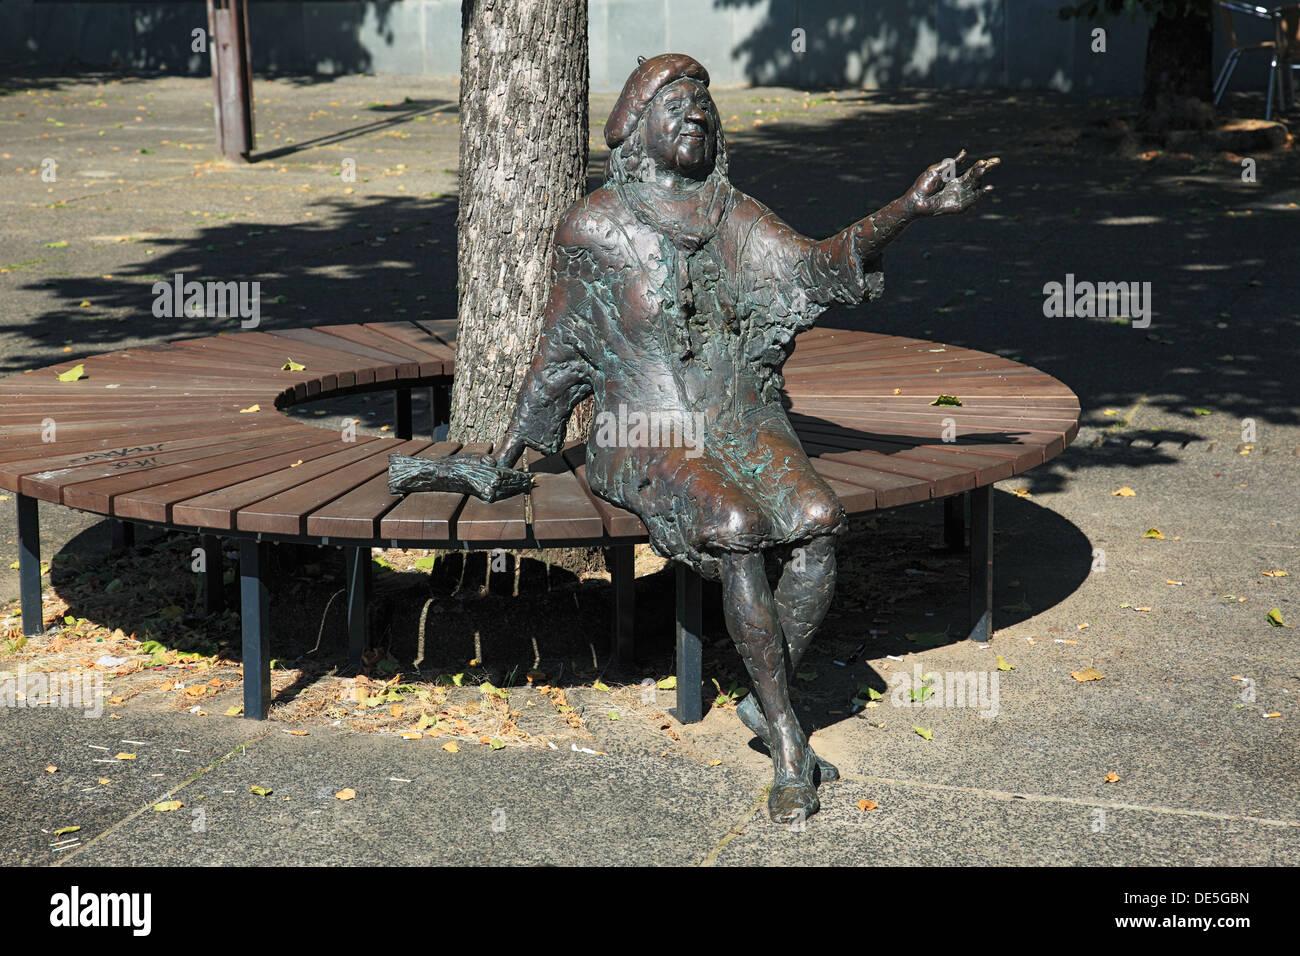 Bronzeskulptur der Schauspielerin Tana Schanzara von Karl Ulrich Nuss am Hans-Schalla-Platz vor dem Schaupielhaus Bochum, Ruhrgebiet, Nordrhein-Westfa - Stock Image